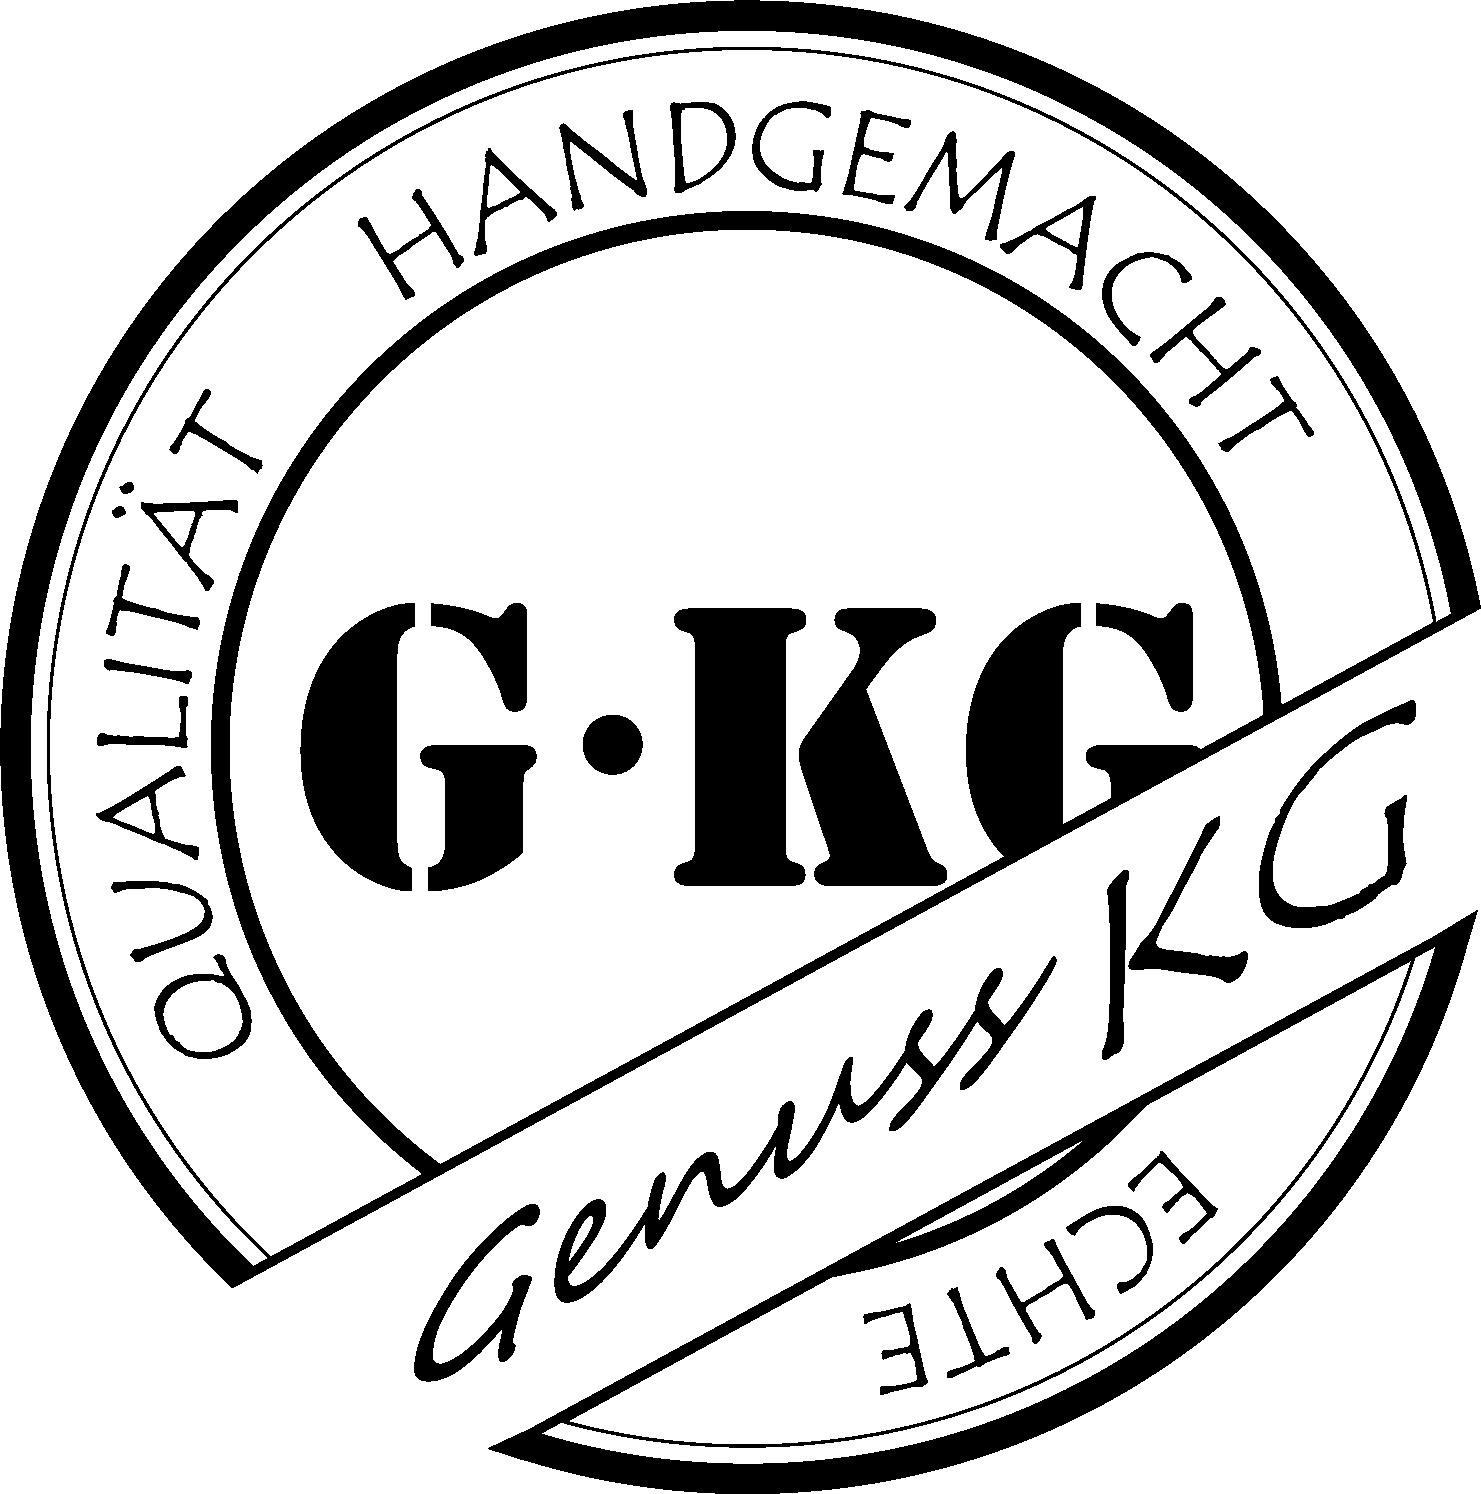 GenussKG